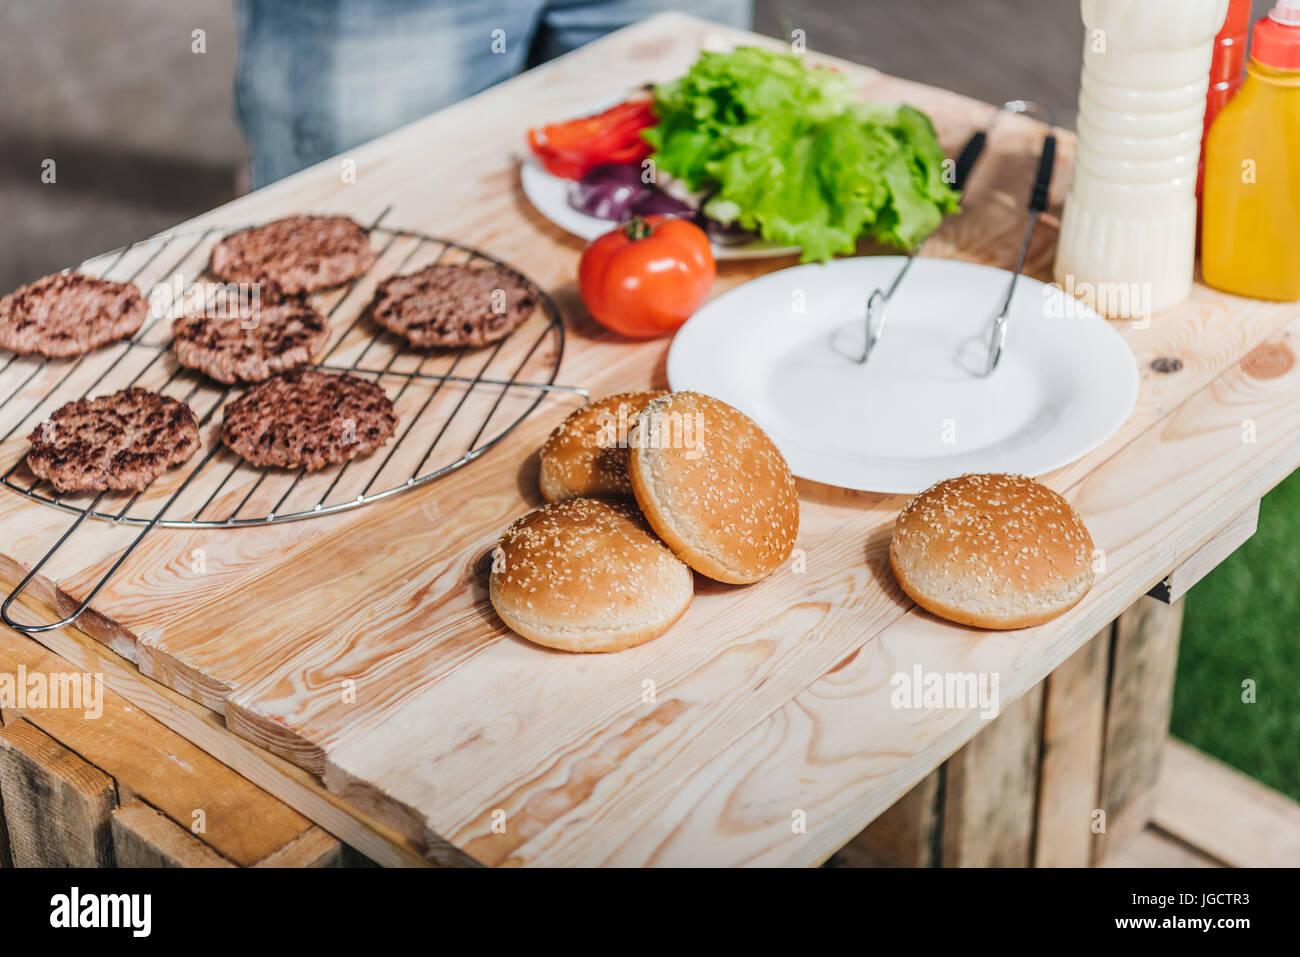 Vue en gros plan de divers ingrédients burgers sur table en bois Photo Stock